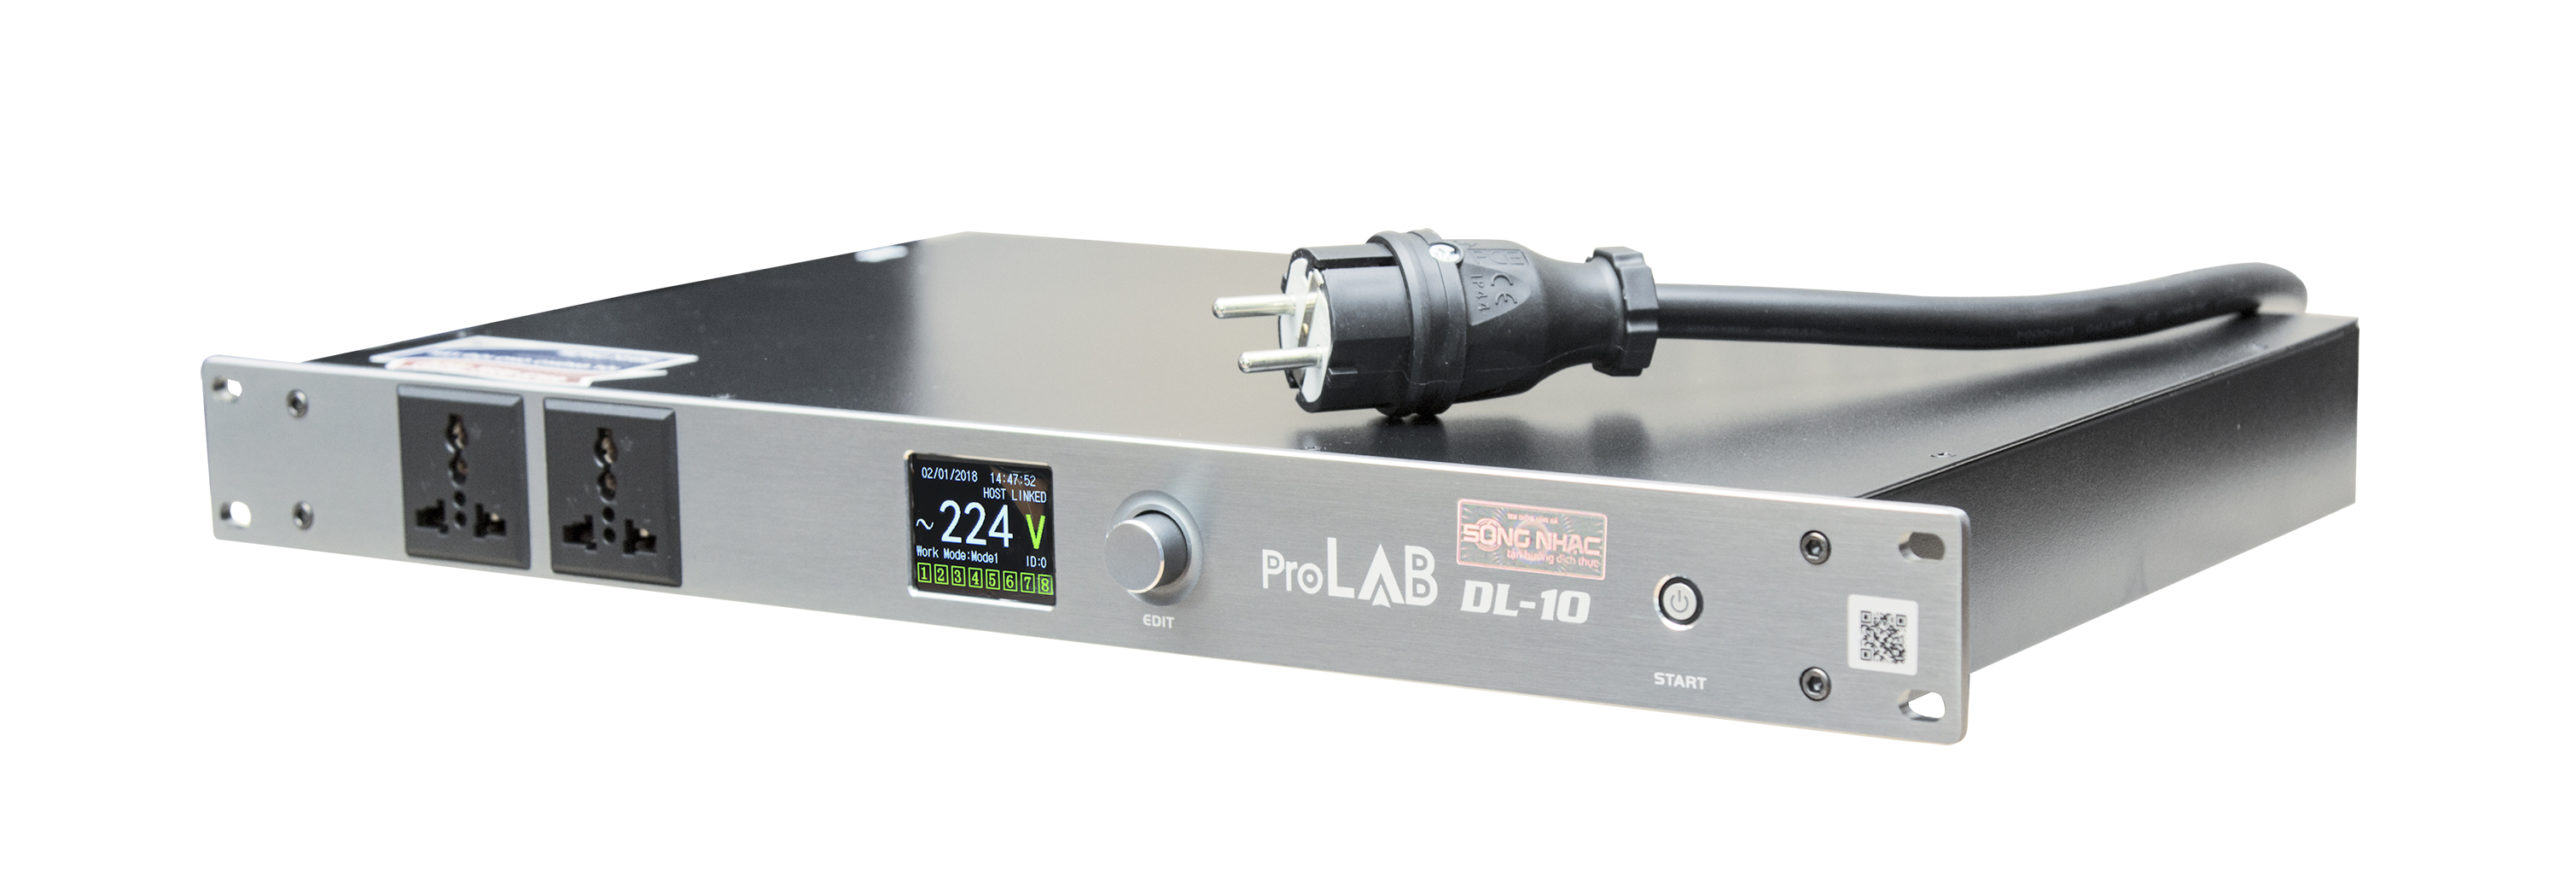 Bộ quản lý nguồn điện AC Delay ProLab DL-10 | Hàng nhập khẩu chính hãng